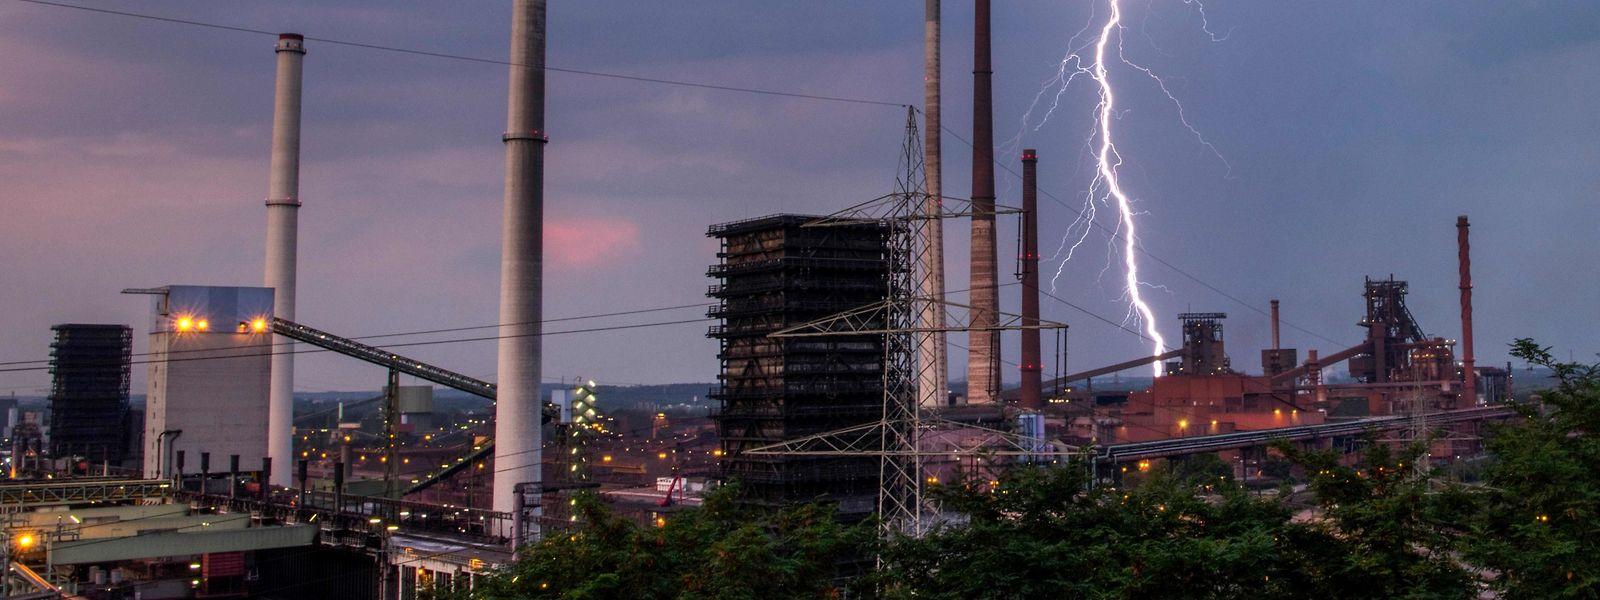 Les commandes industrielles ont, en moyenne, reculé de 1% chaque mois depuis début 2019.